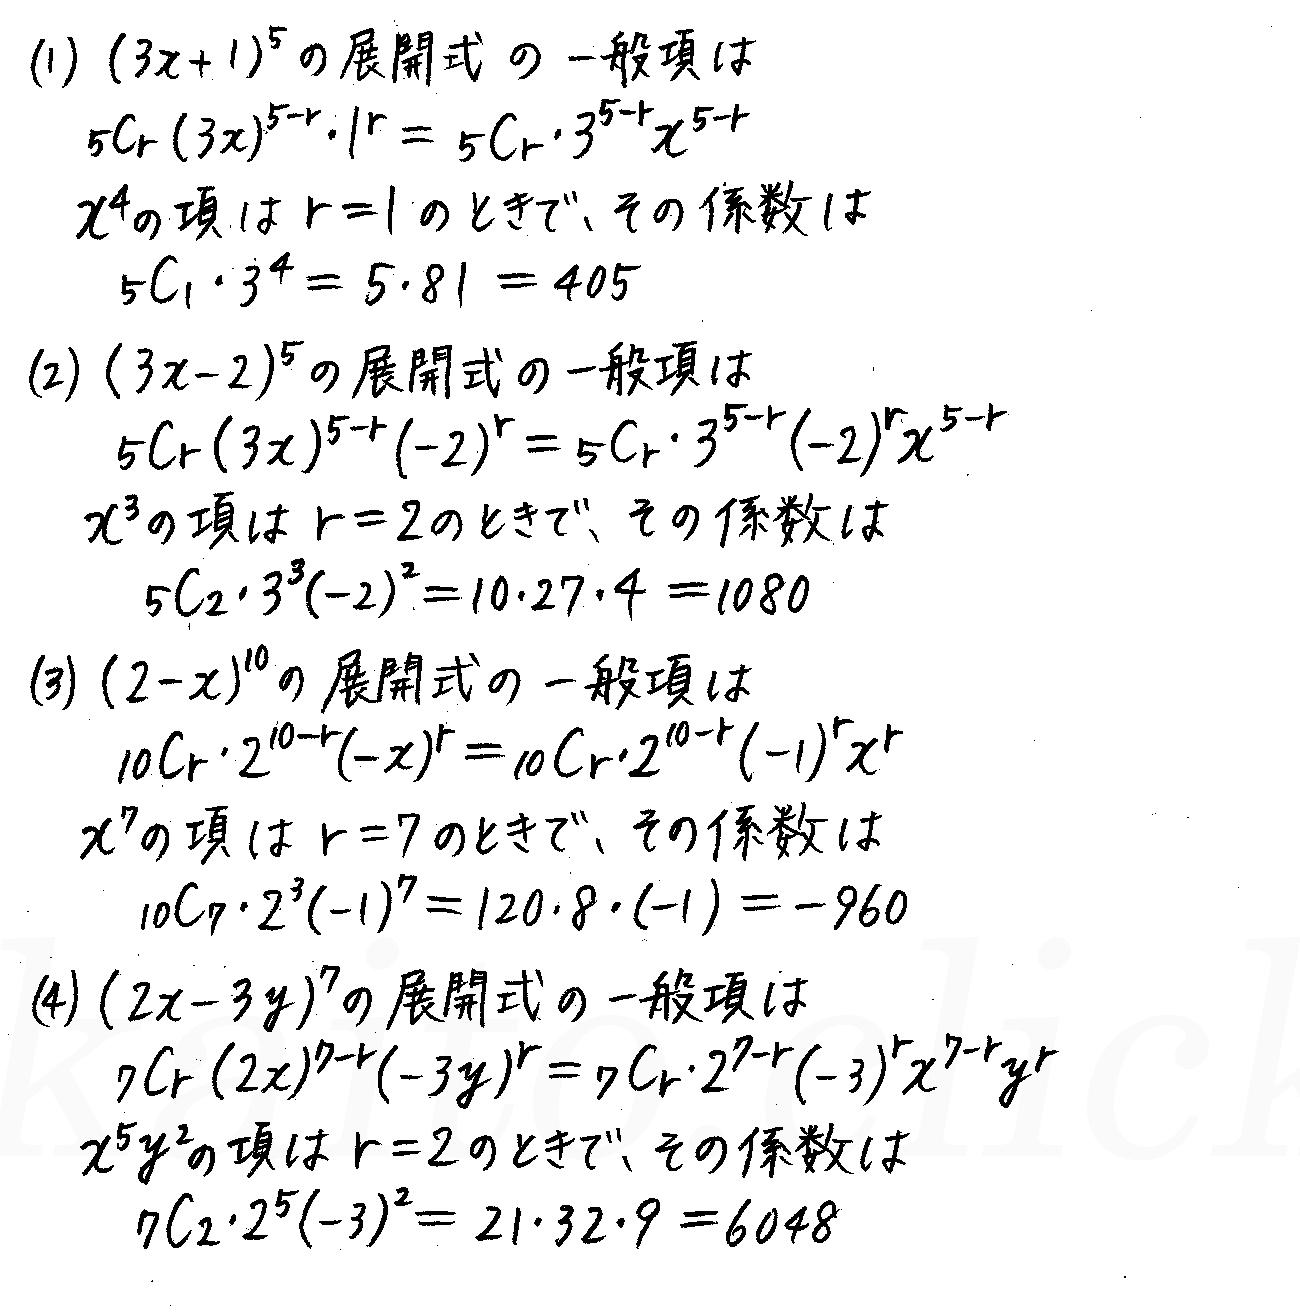 4STEP数学2-10解答